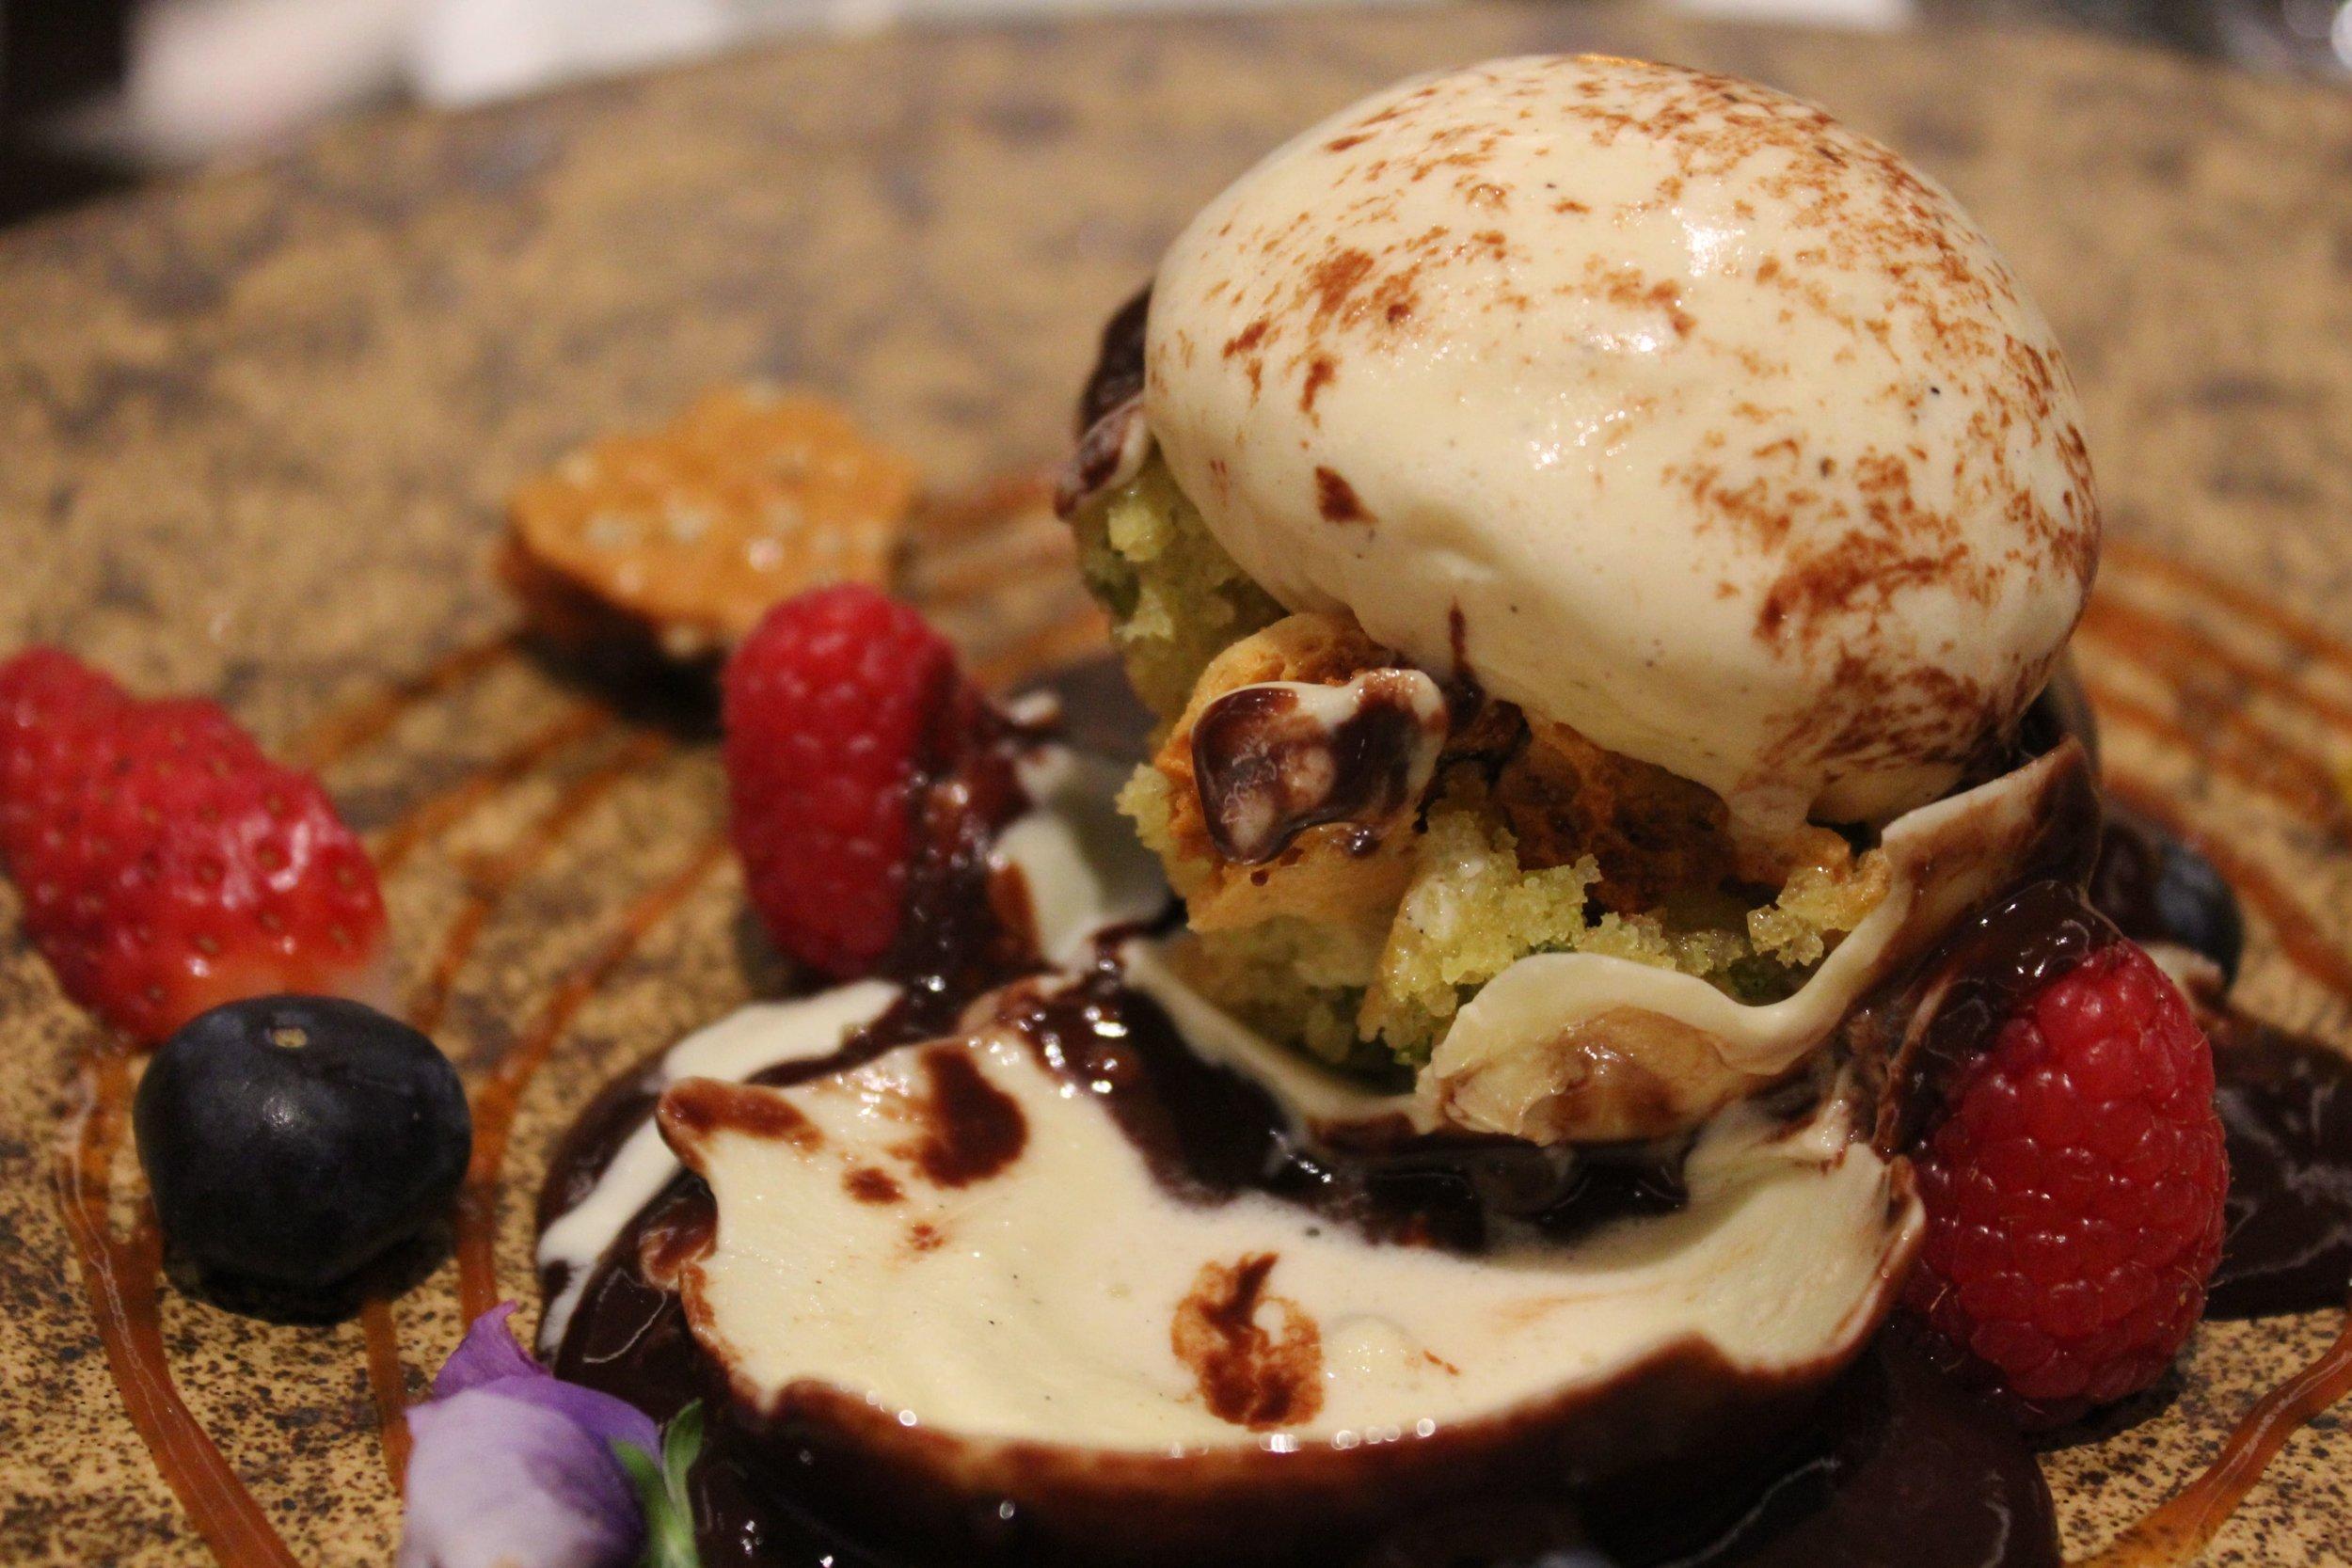 Dessert Chokhi Dhana London